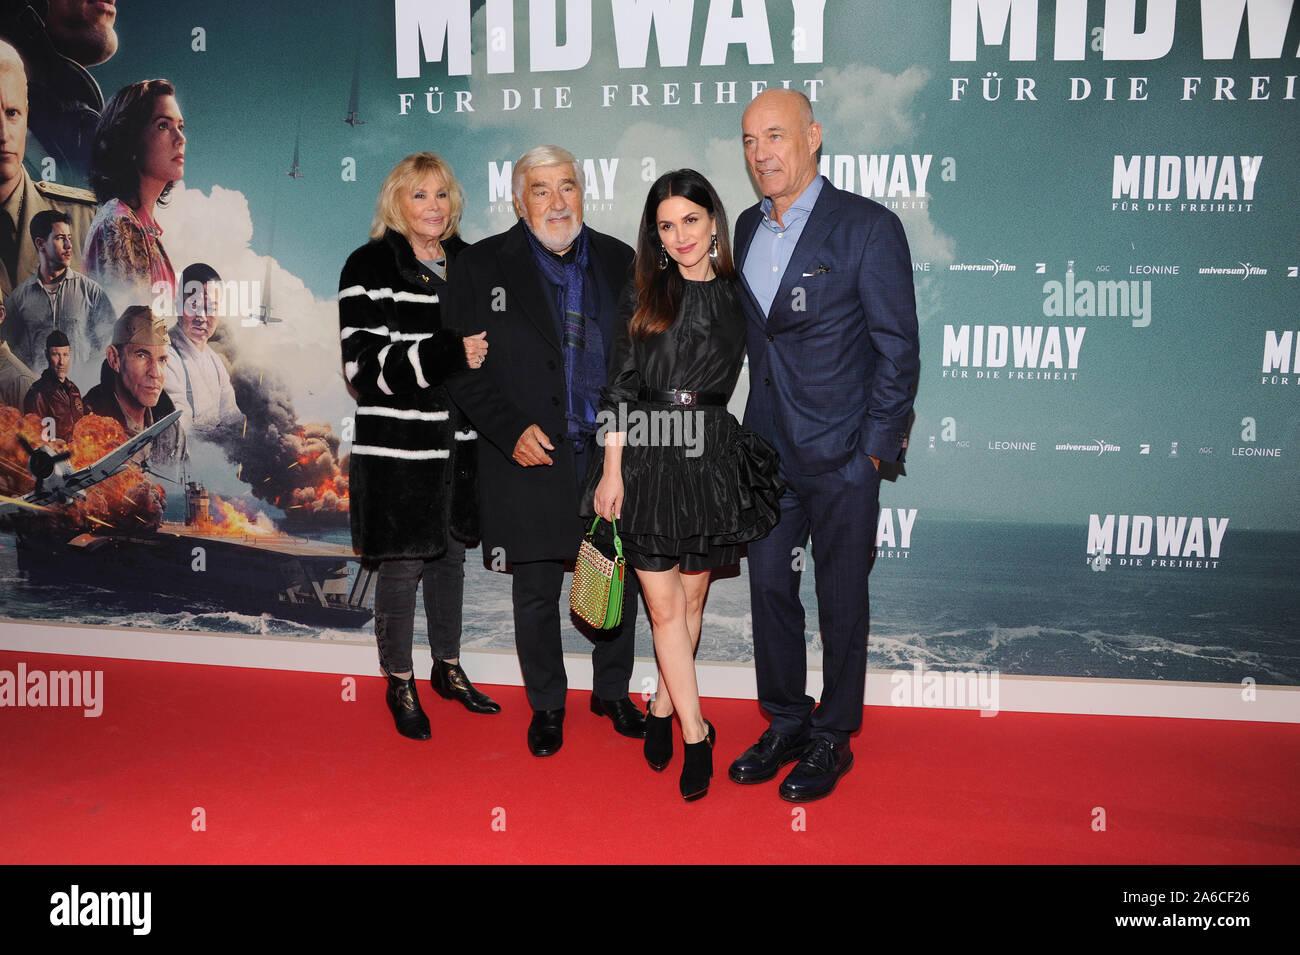 Midway Kinostart Deutschland